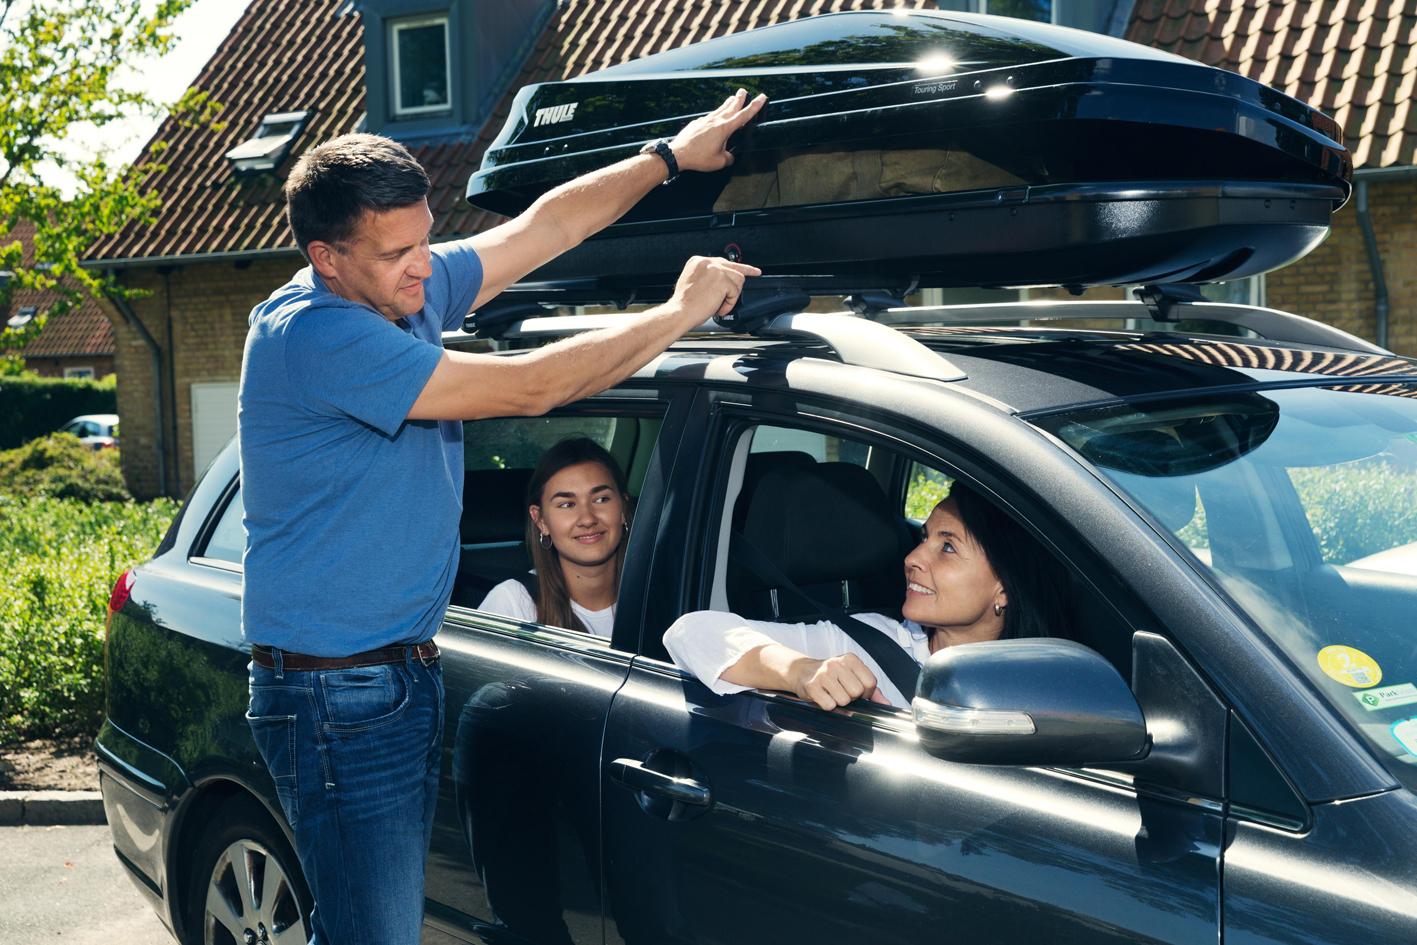 Kør selv-ferie ud i Europa har i årtier været blandt danskernes foretrukne ferieformer. Sådan er det også i år, viser ny undersøgelse fra FDM, der også advarer om masser af vejarbejde i Tyskland. (Pressefoto: FDM)